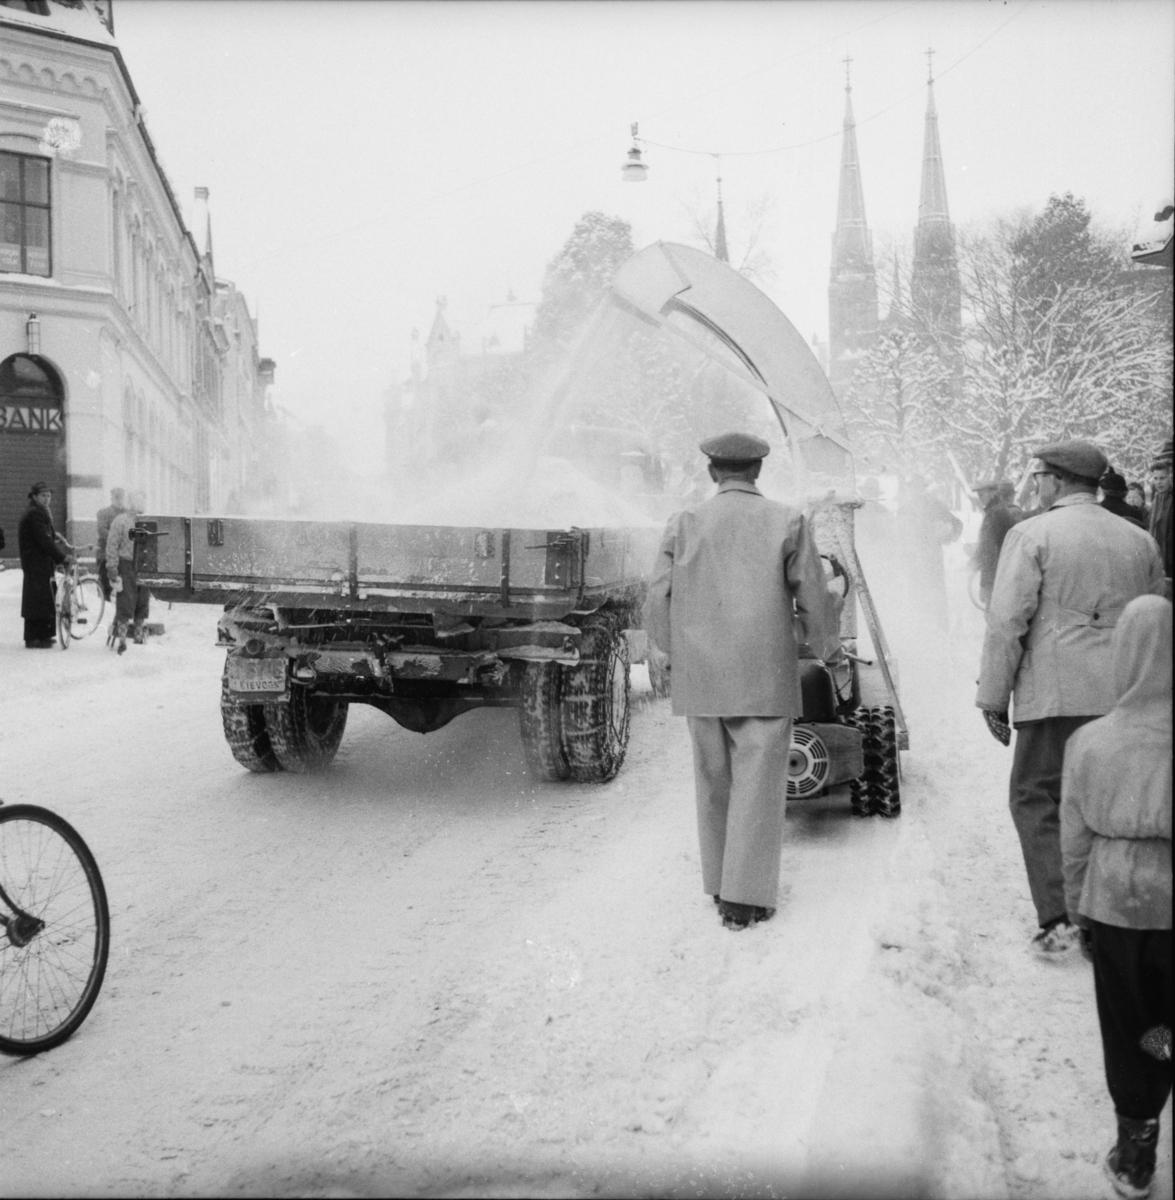 """Vardens arkiv. """"Snøfreser i aksjon i Skiens gater""""  18.02.1954"""